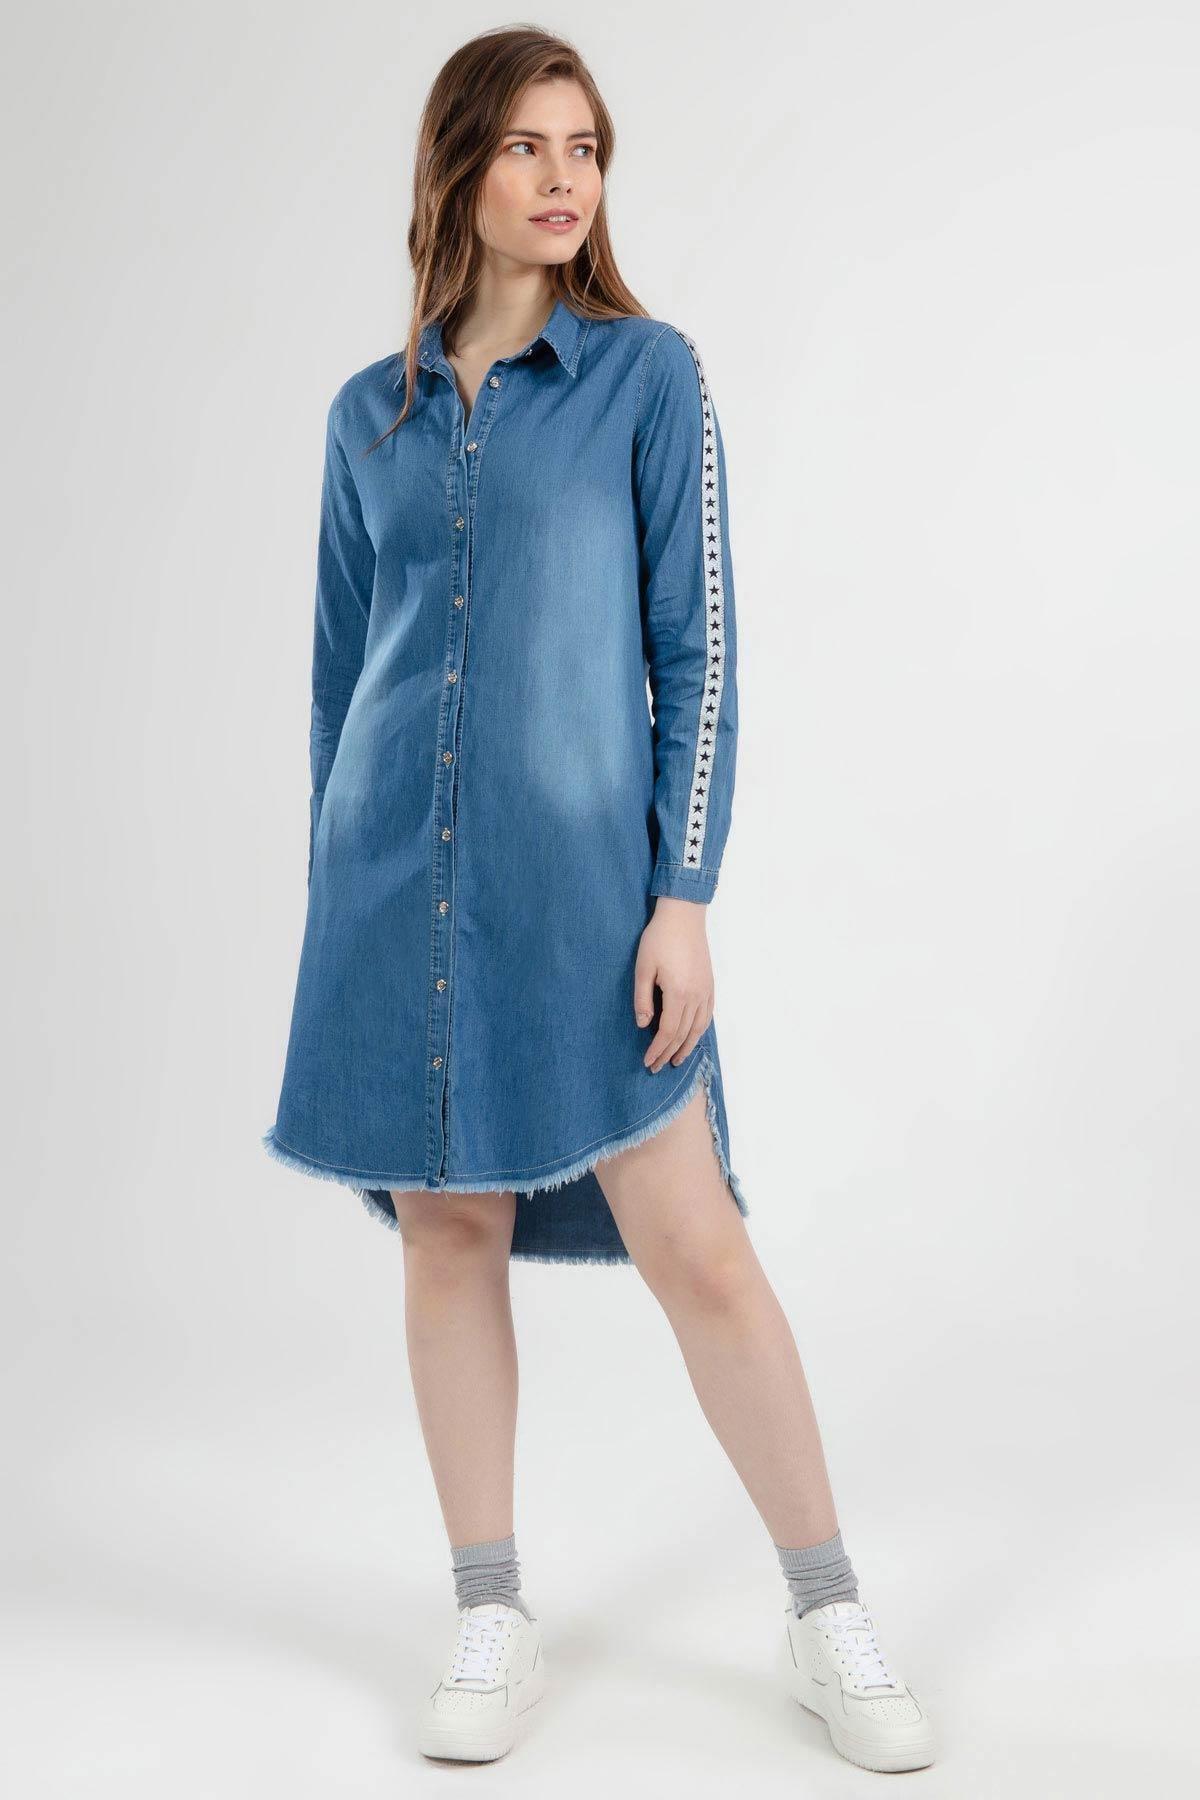 Pattaya Kadın Yıldız Sim Şeritli Püskül Detaylı Kot Gömlek Elbise 5632 1